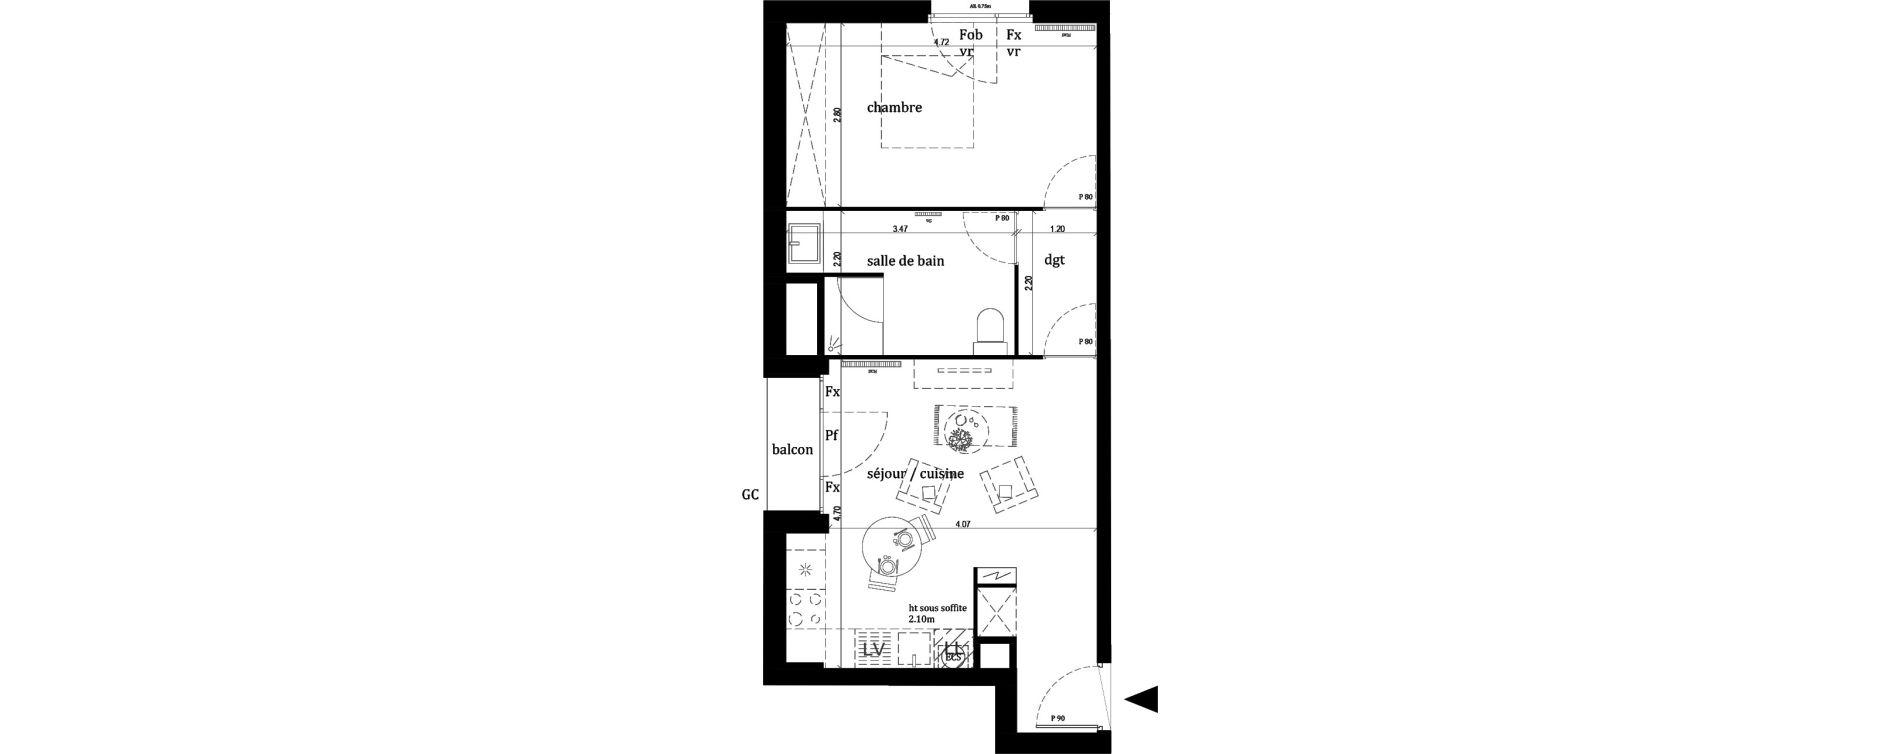 Appartement T2 de 44,10 m2 à Lille Lille sud